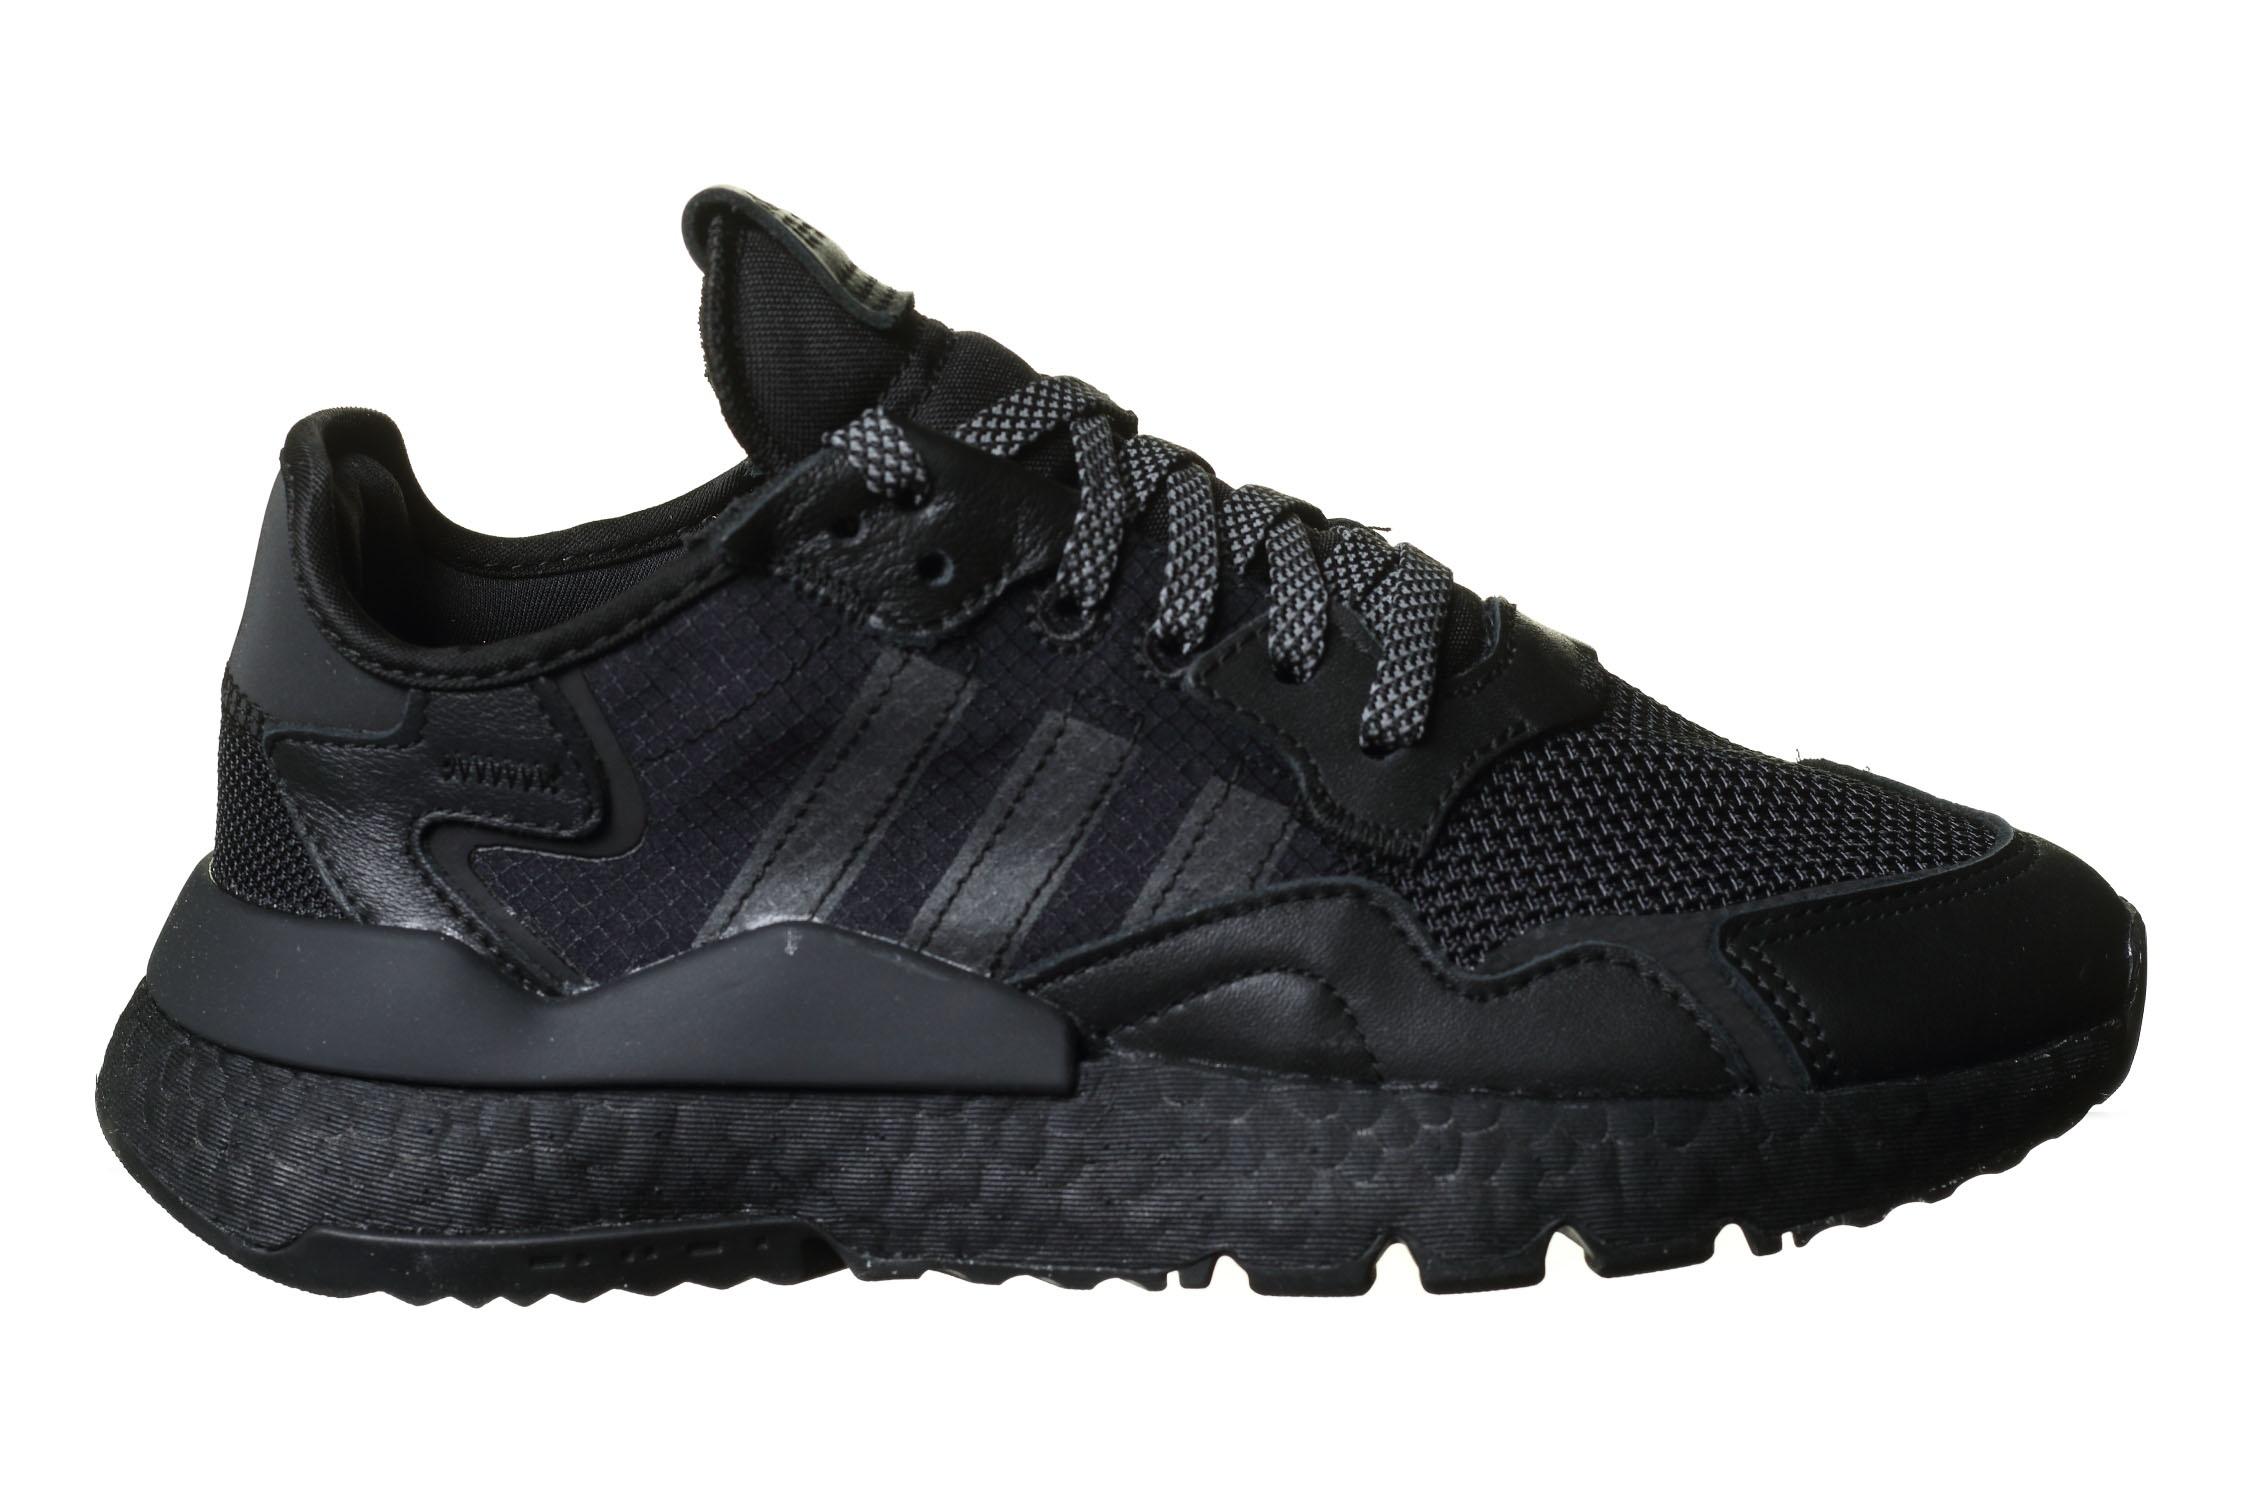 https://www.leadermode.com/193458/adidas-nite-jogger-fv1277-black.jpg